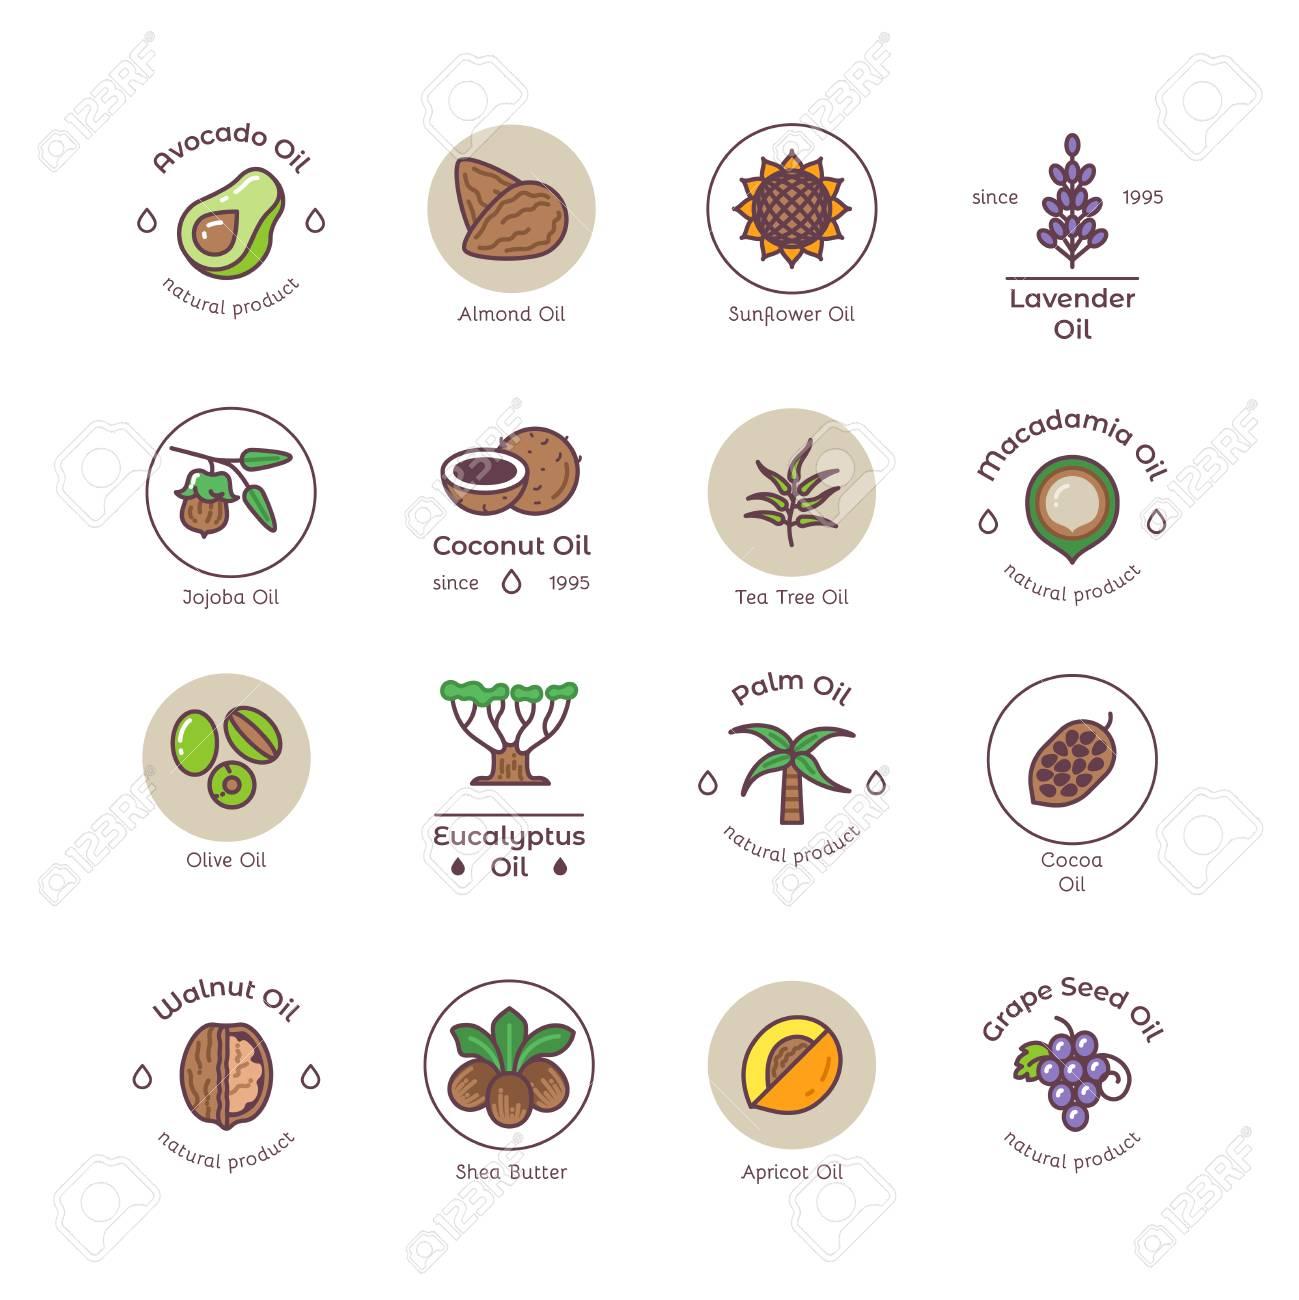 Healthy bio cosmetics oil linear vector logos - 102095327